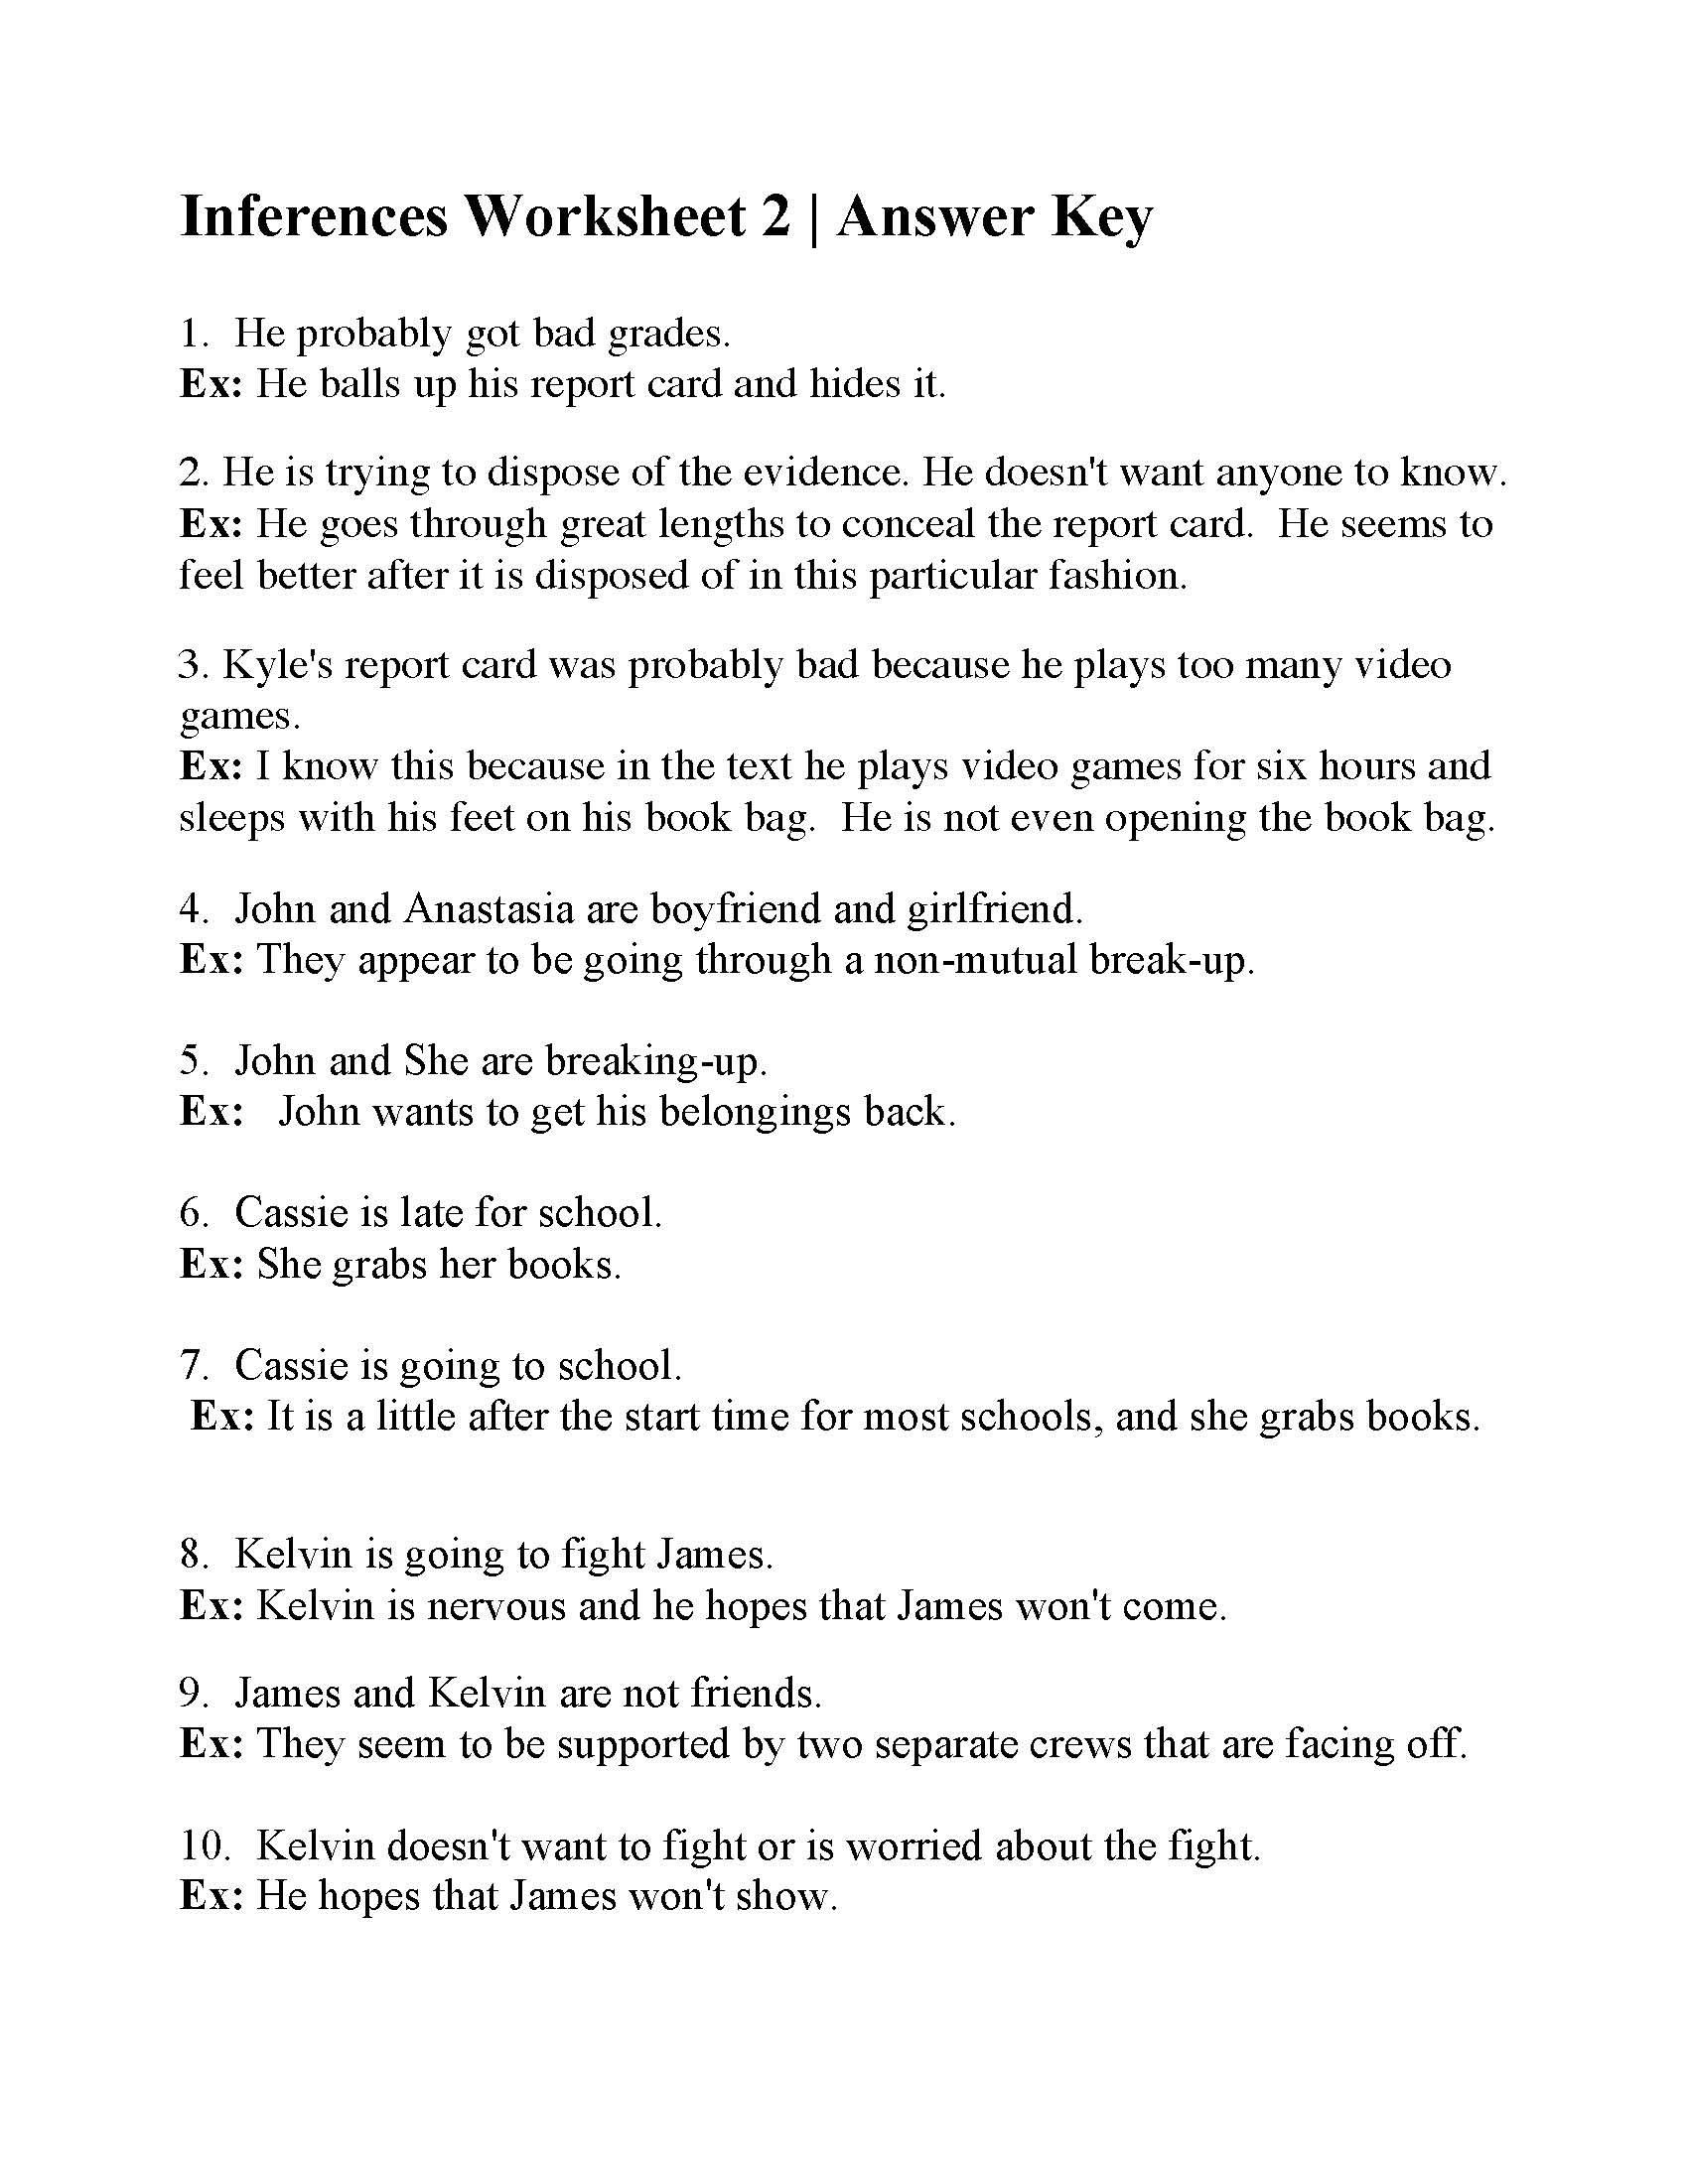 Making Inferences Worksheets 4th Grade Inferences Worksheet 2